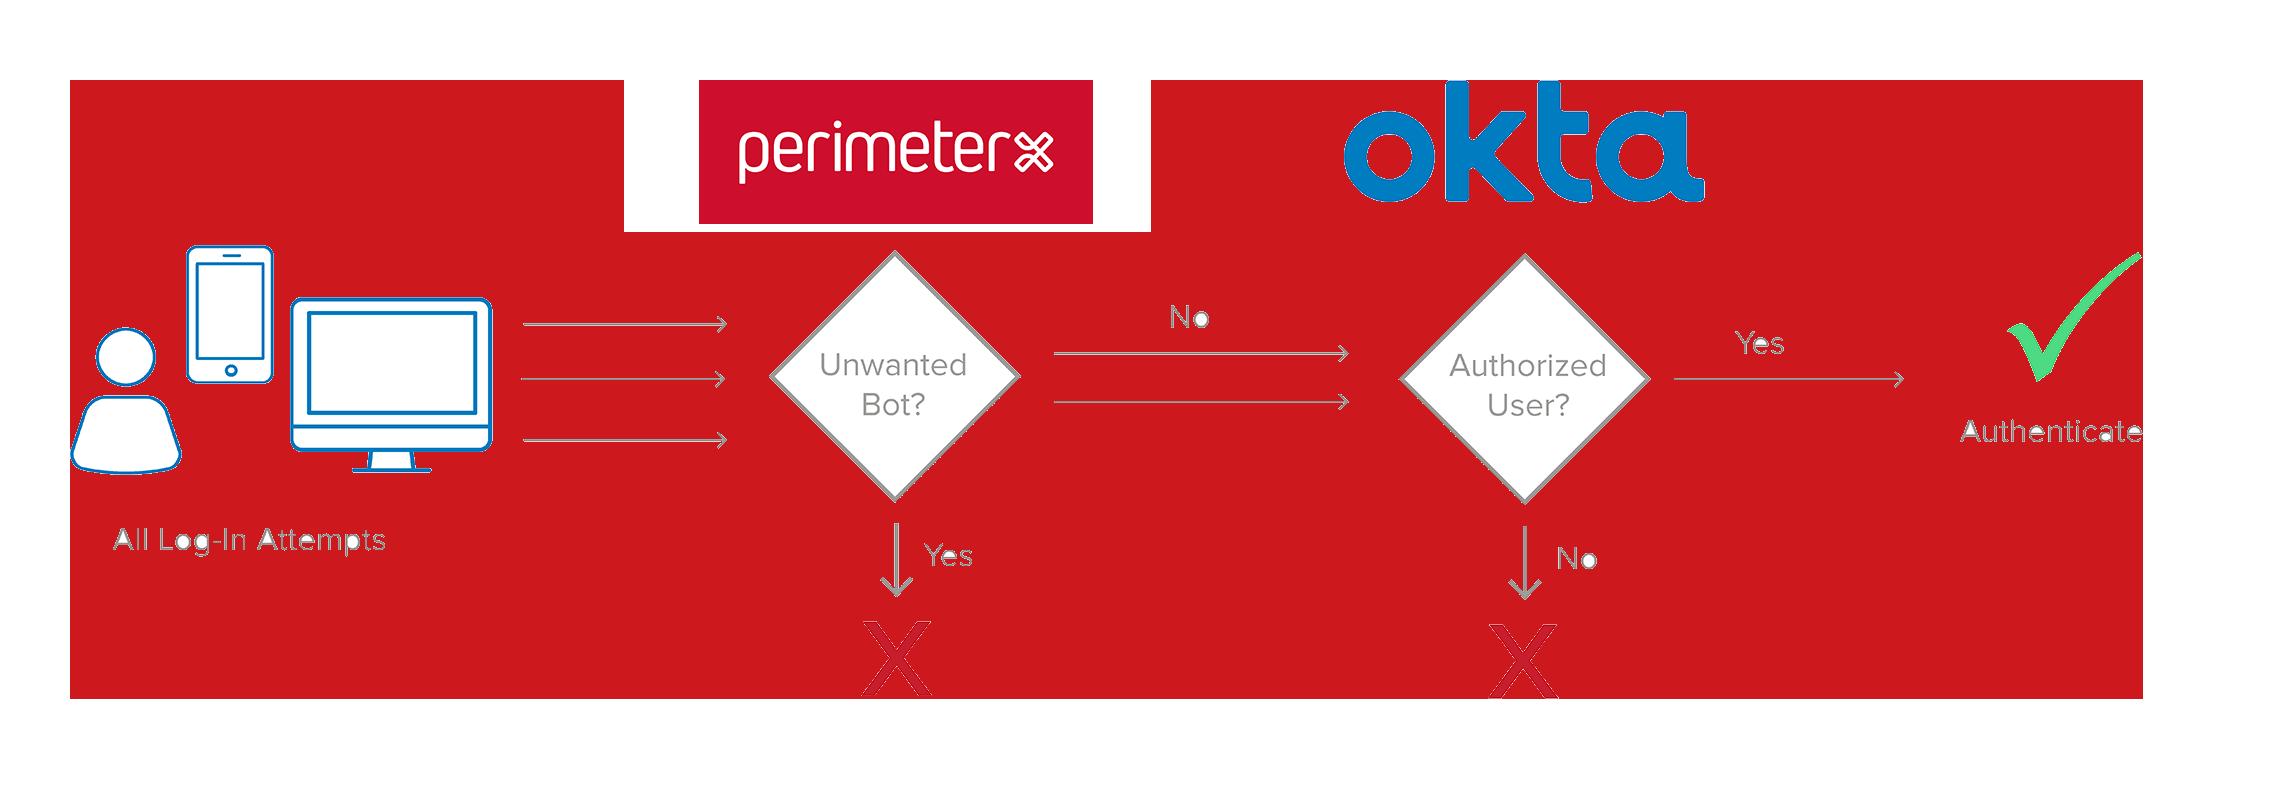 Perimeterx and Okta.